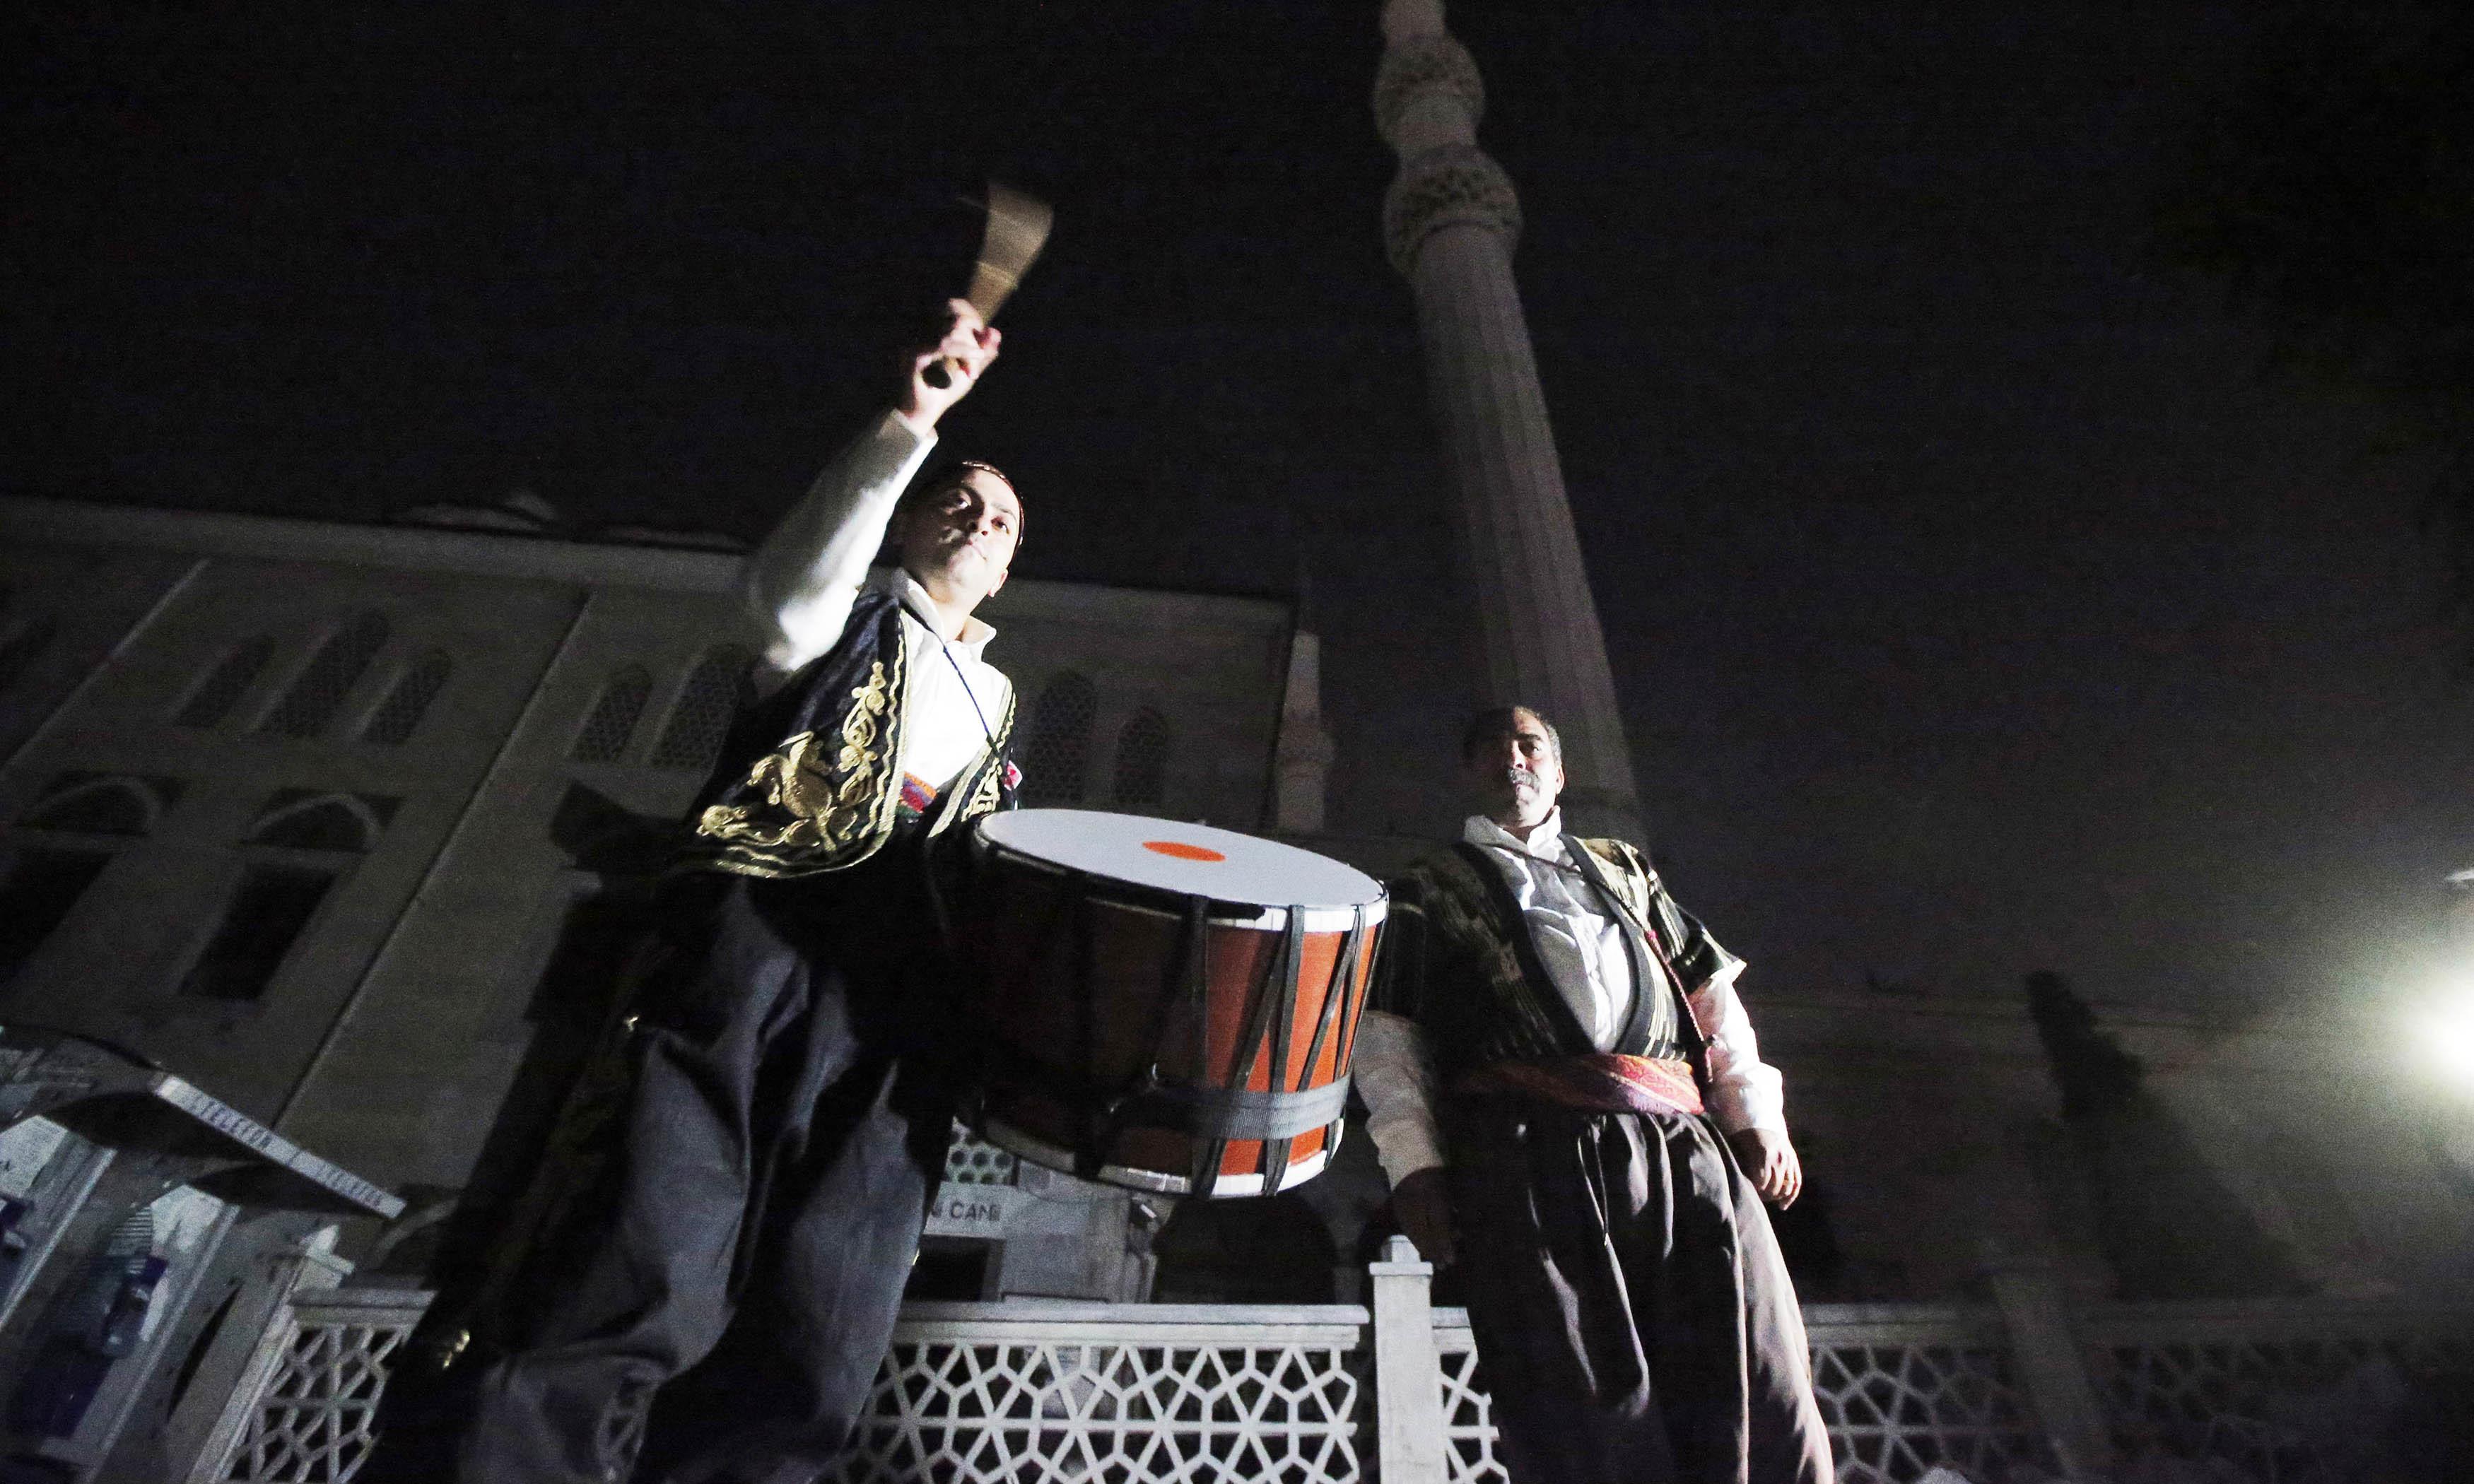 سحری میں ڈھول بجانے کی روایت کس خطے سے شروع ہوئی؟